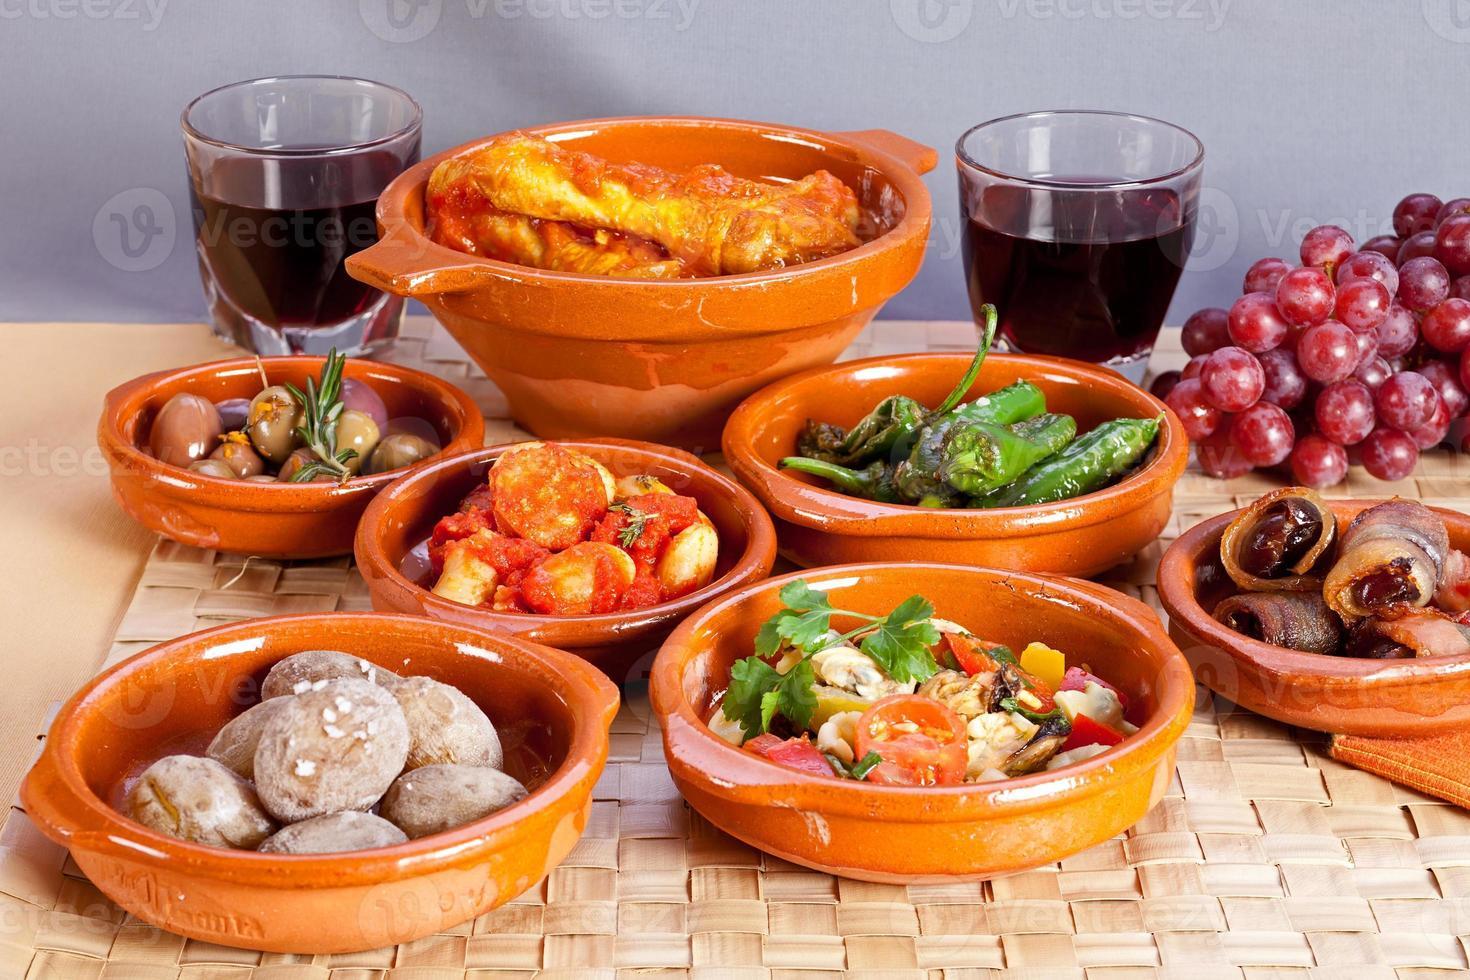 samling spanska tapasmat i terrakotta skålar. foto